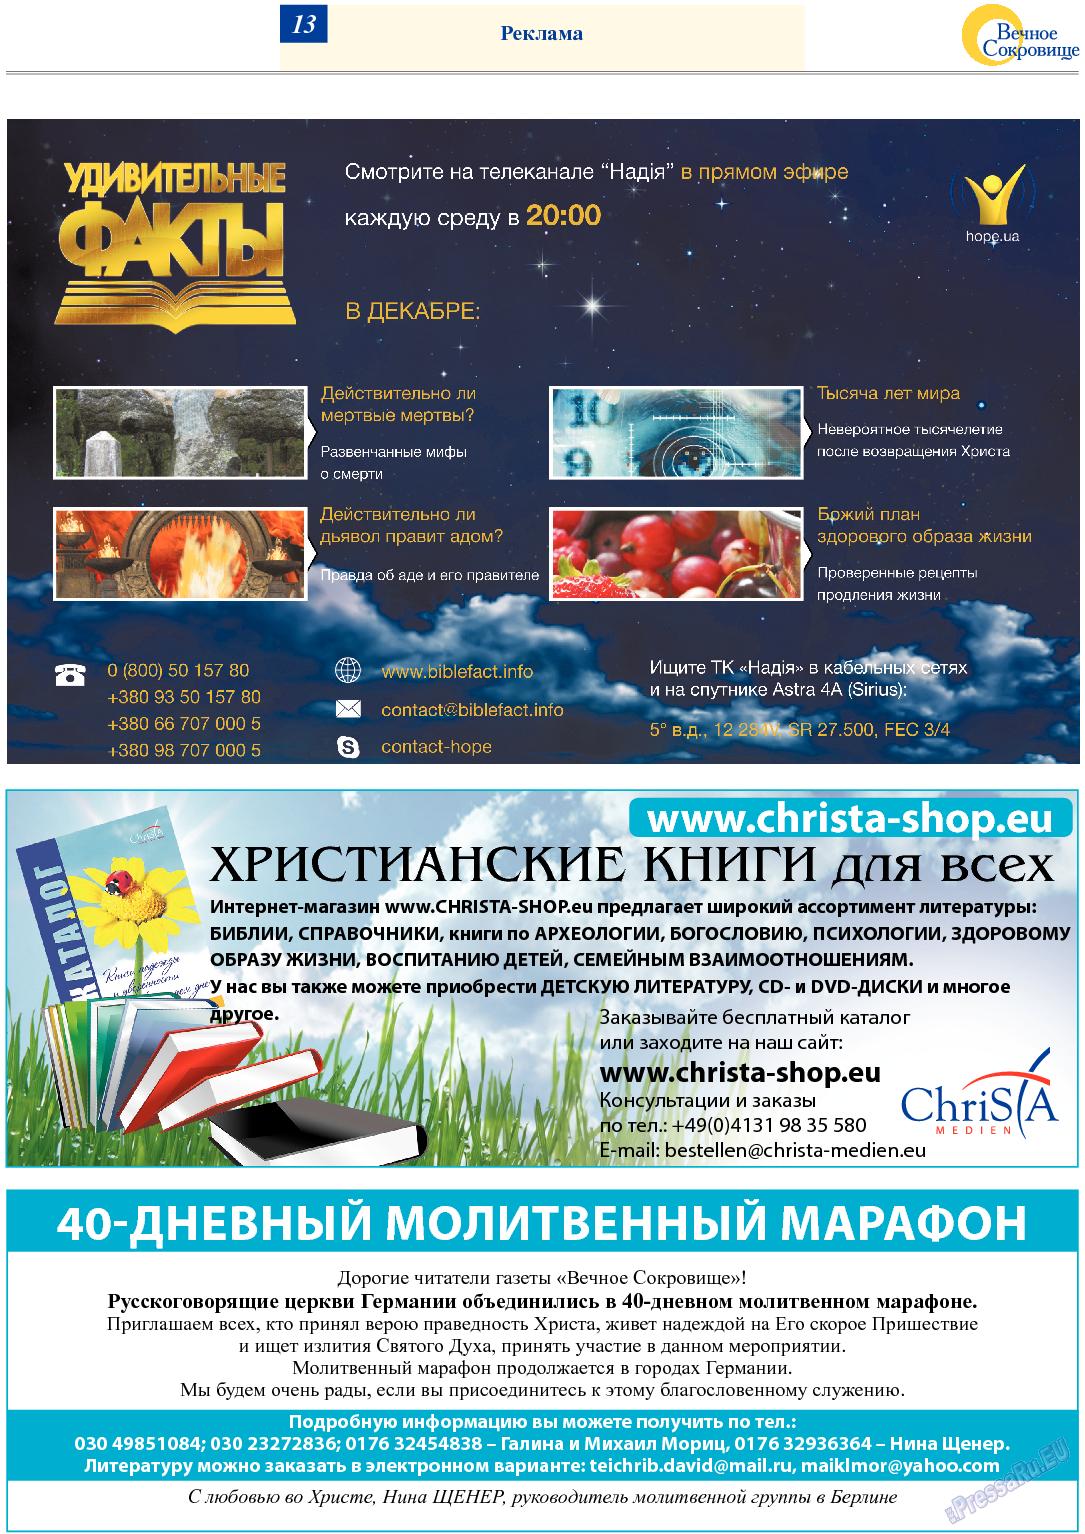 Вечное сокровище (газета). 2013 год, номер 6, стр. 13